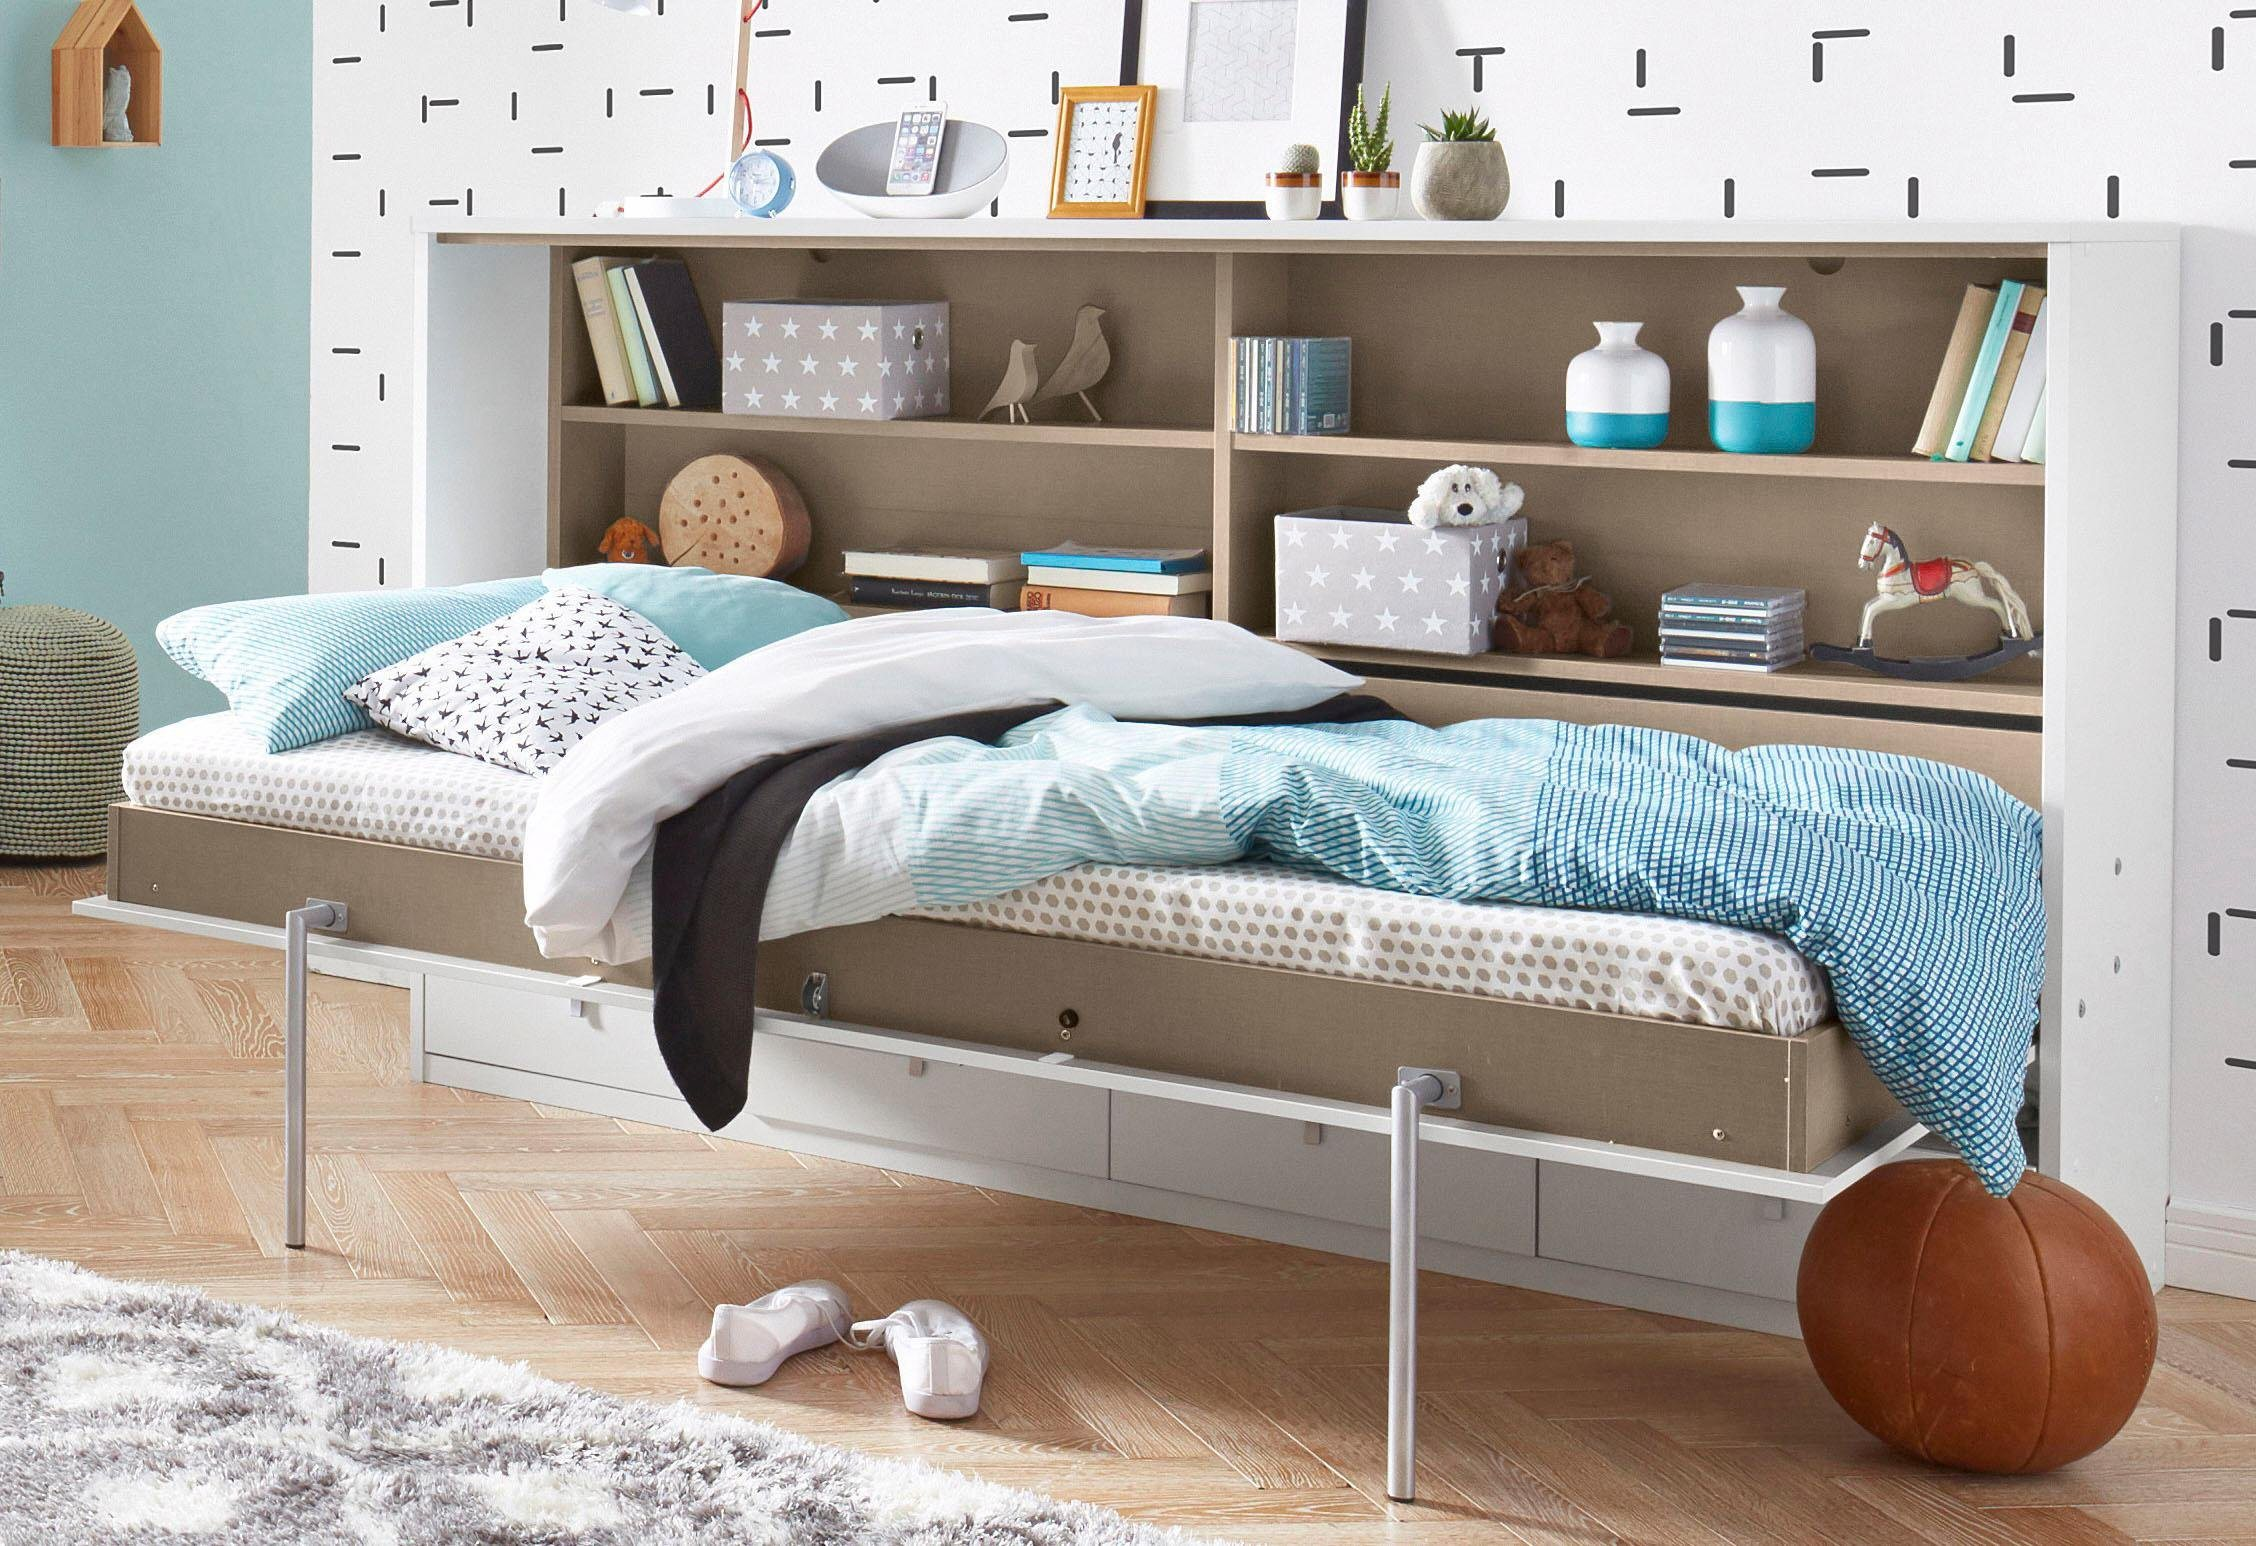 rauch-moebel Schrankbetten online kaufen | Möbel-Suchmaschine ...